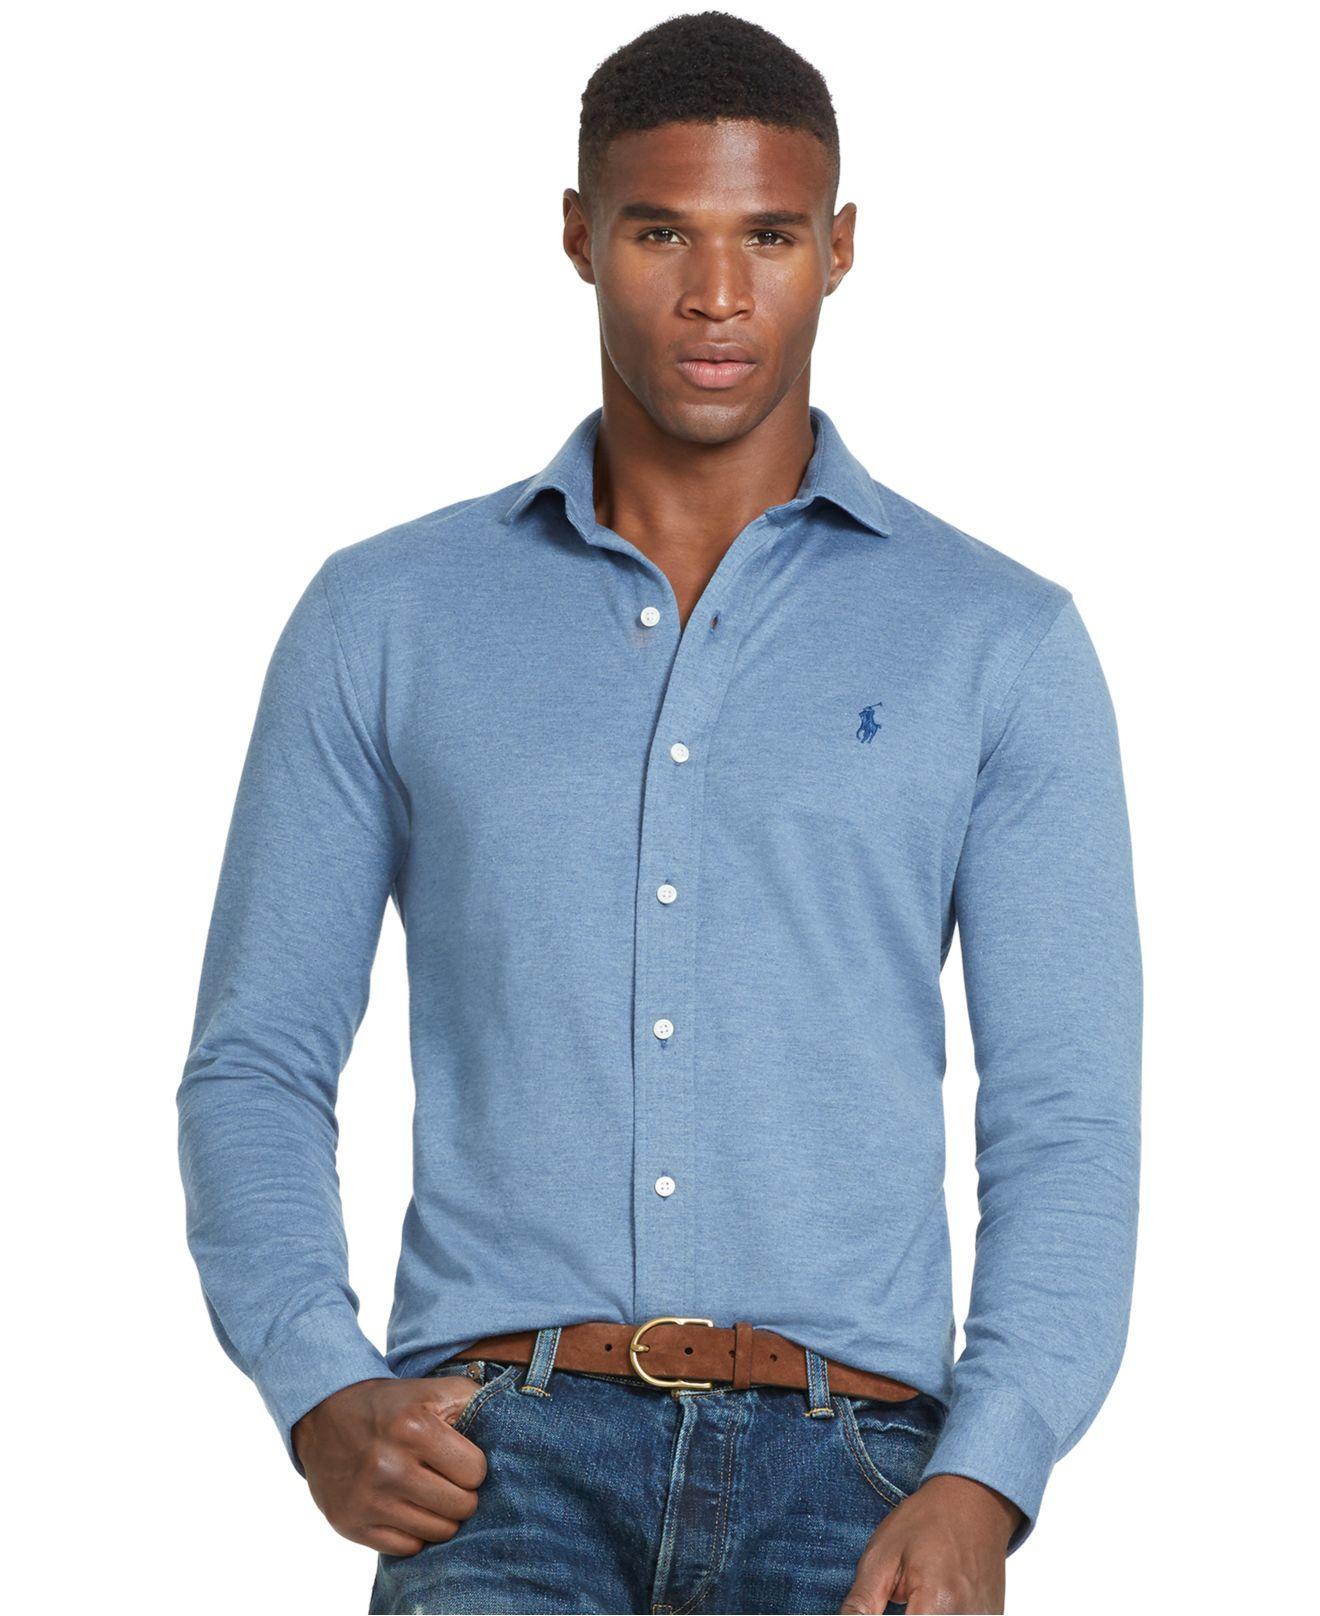 Polo ralph lauren knit estate dress shirt in blue for men for Lauren ralph lauren mens dress shirts